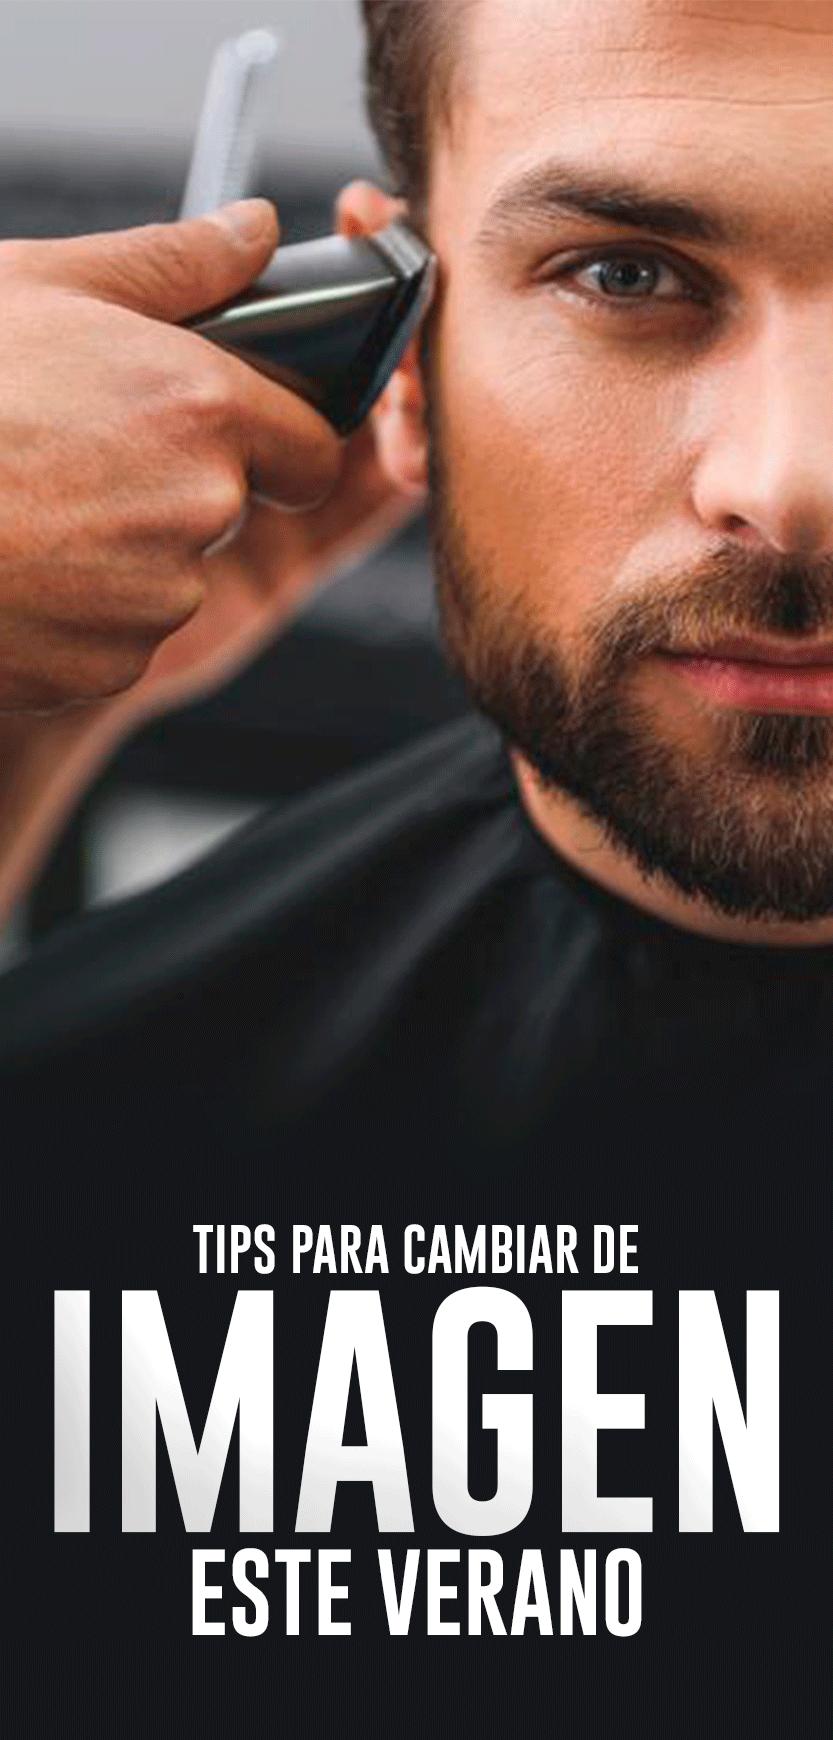 5 Valiosos Tips Que Todo Hombre Debe Seguir Para Verse Bien Este Verano Hombres Verano Hombres Y Consejos De Estilo